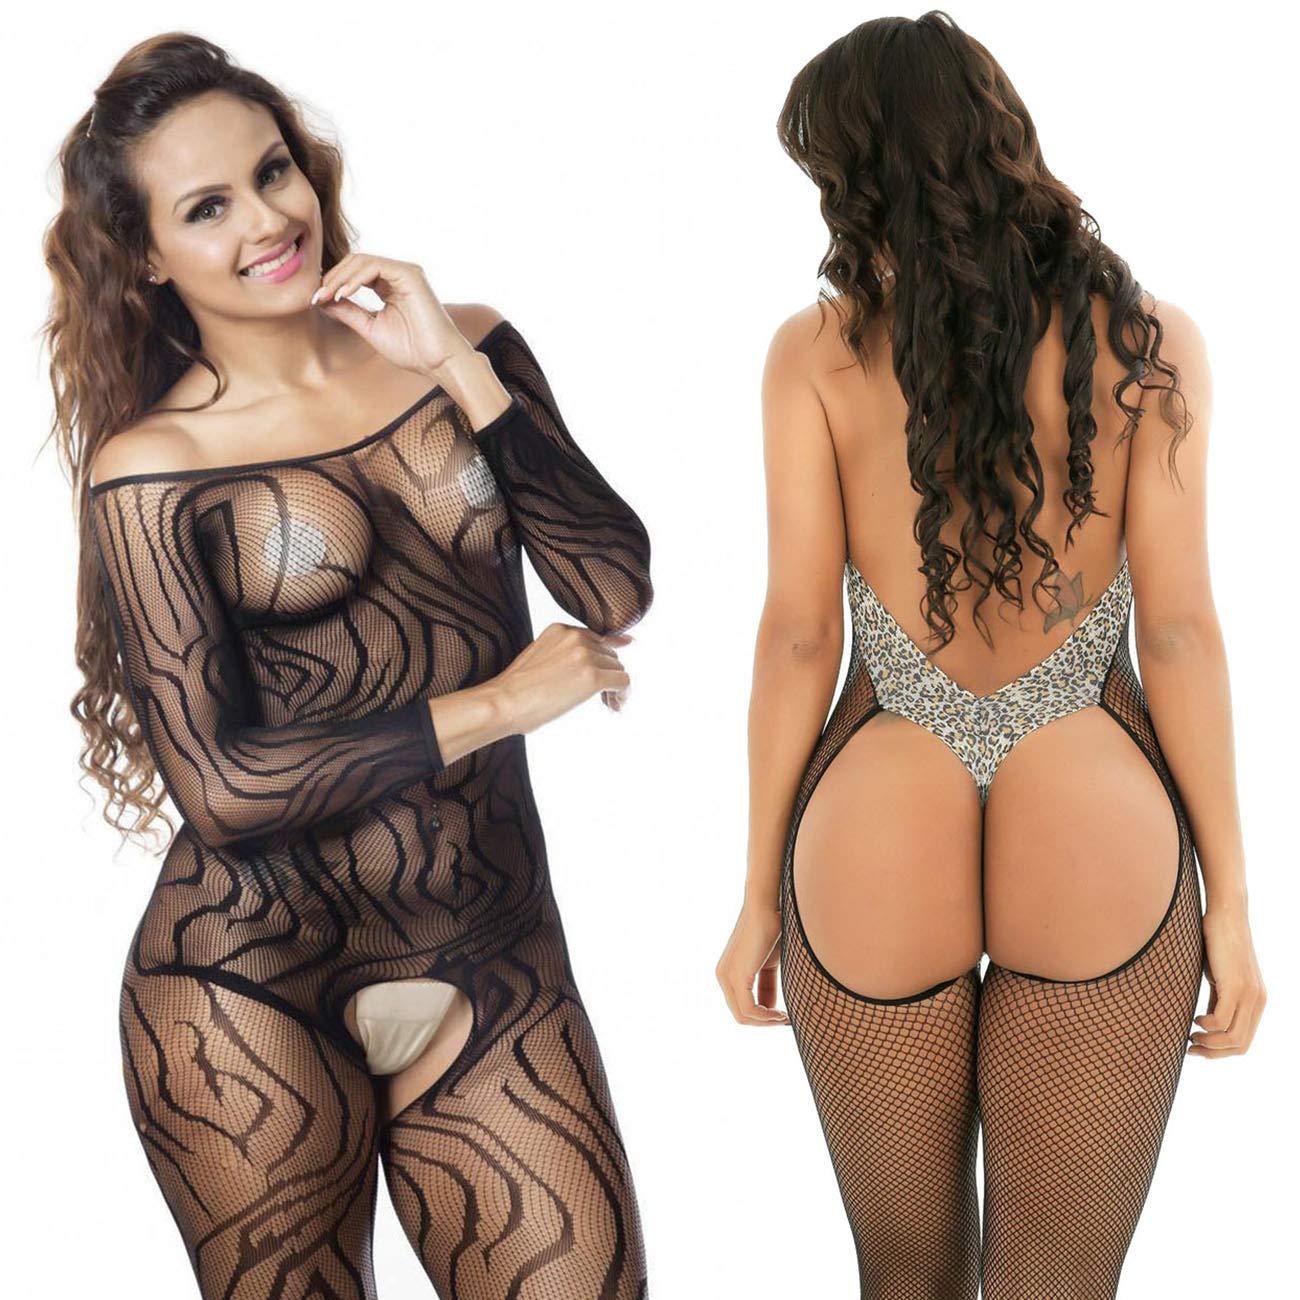 LOVELYBOBO 2-Pack Donna Cavallo Aperto Maglia Pesce Netto Calza Corpo Body Lingerie Camicia da Notte Vestito da Notte Taglia Grossa Nero